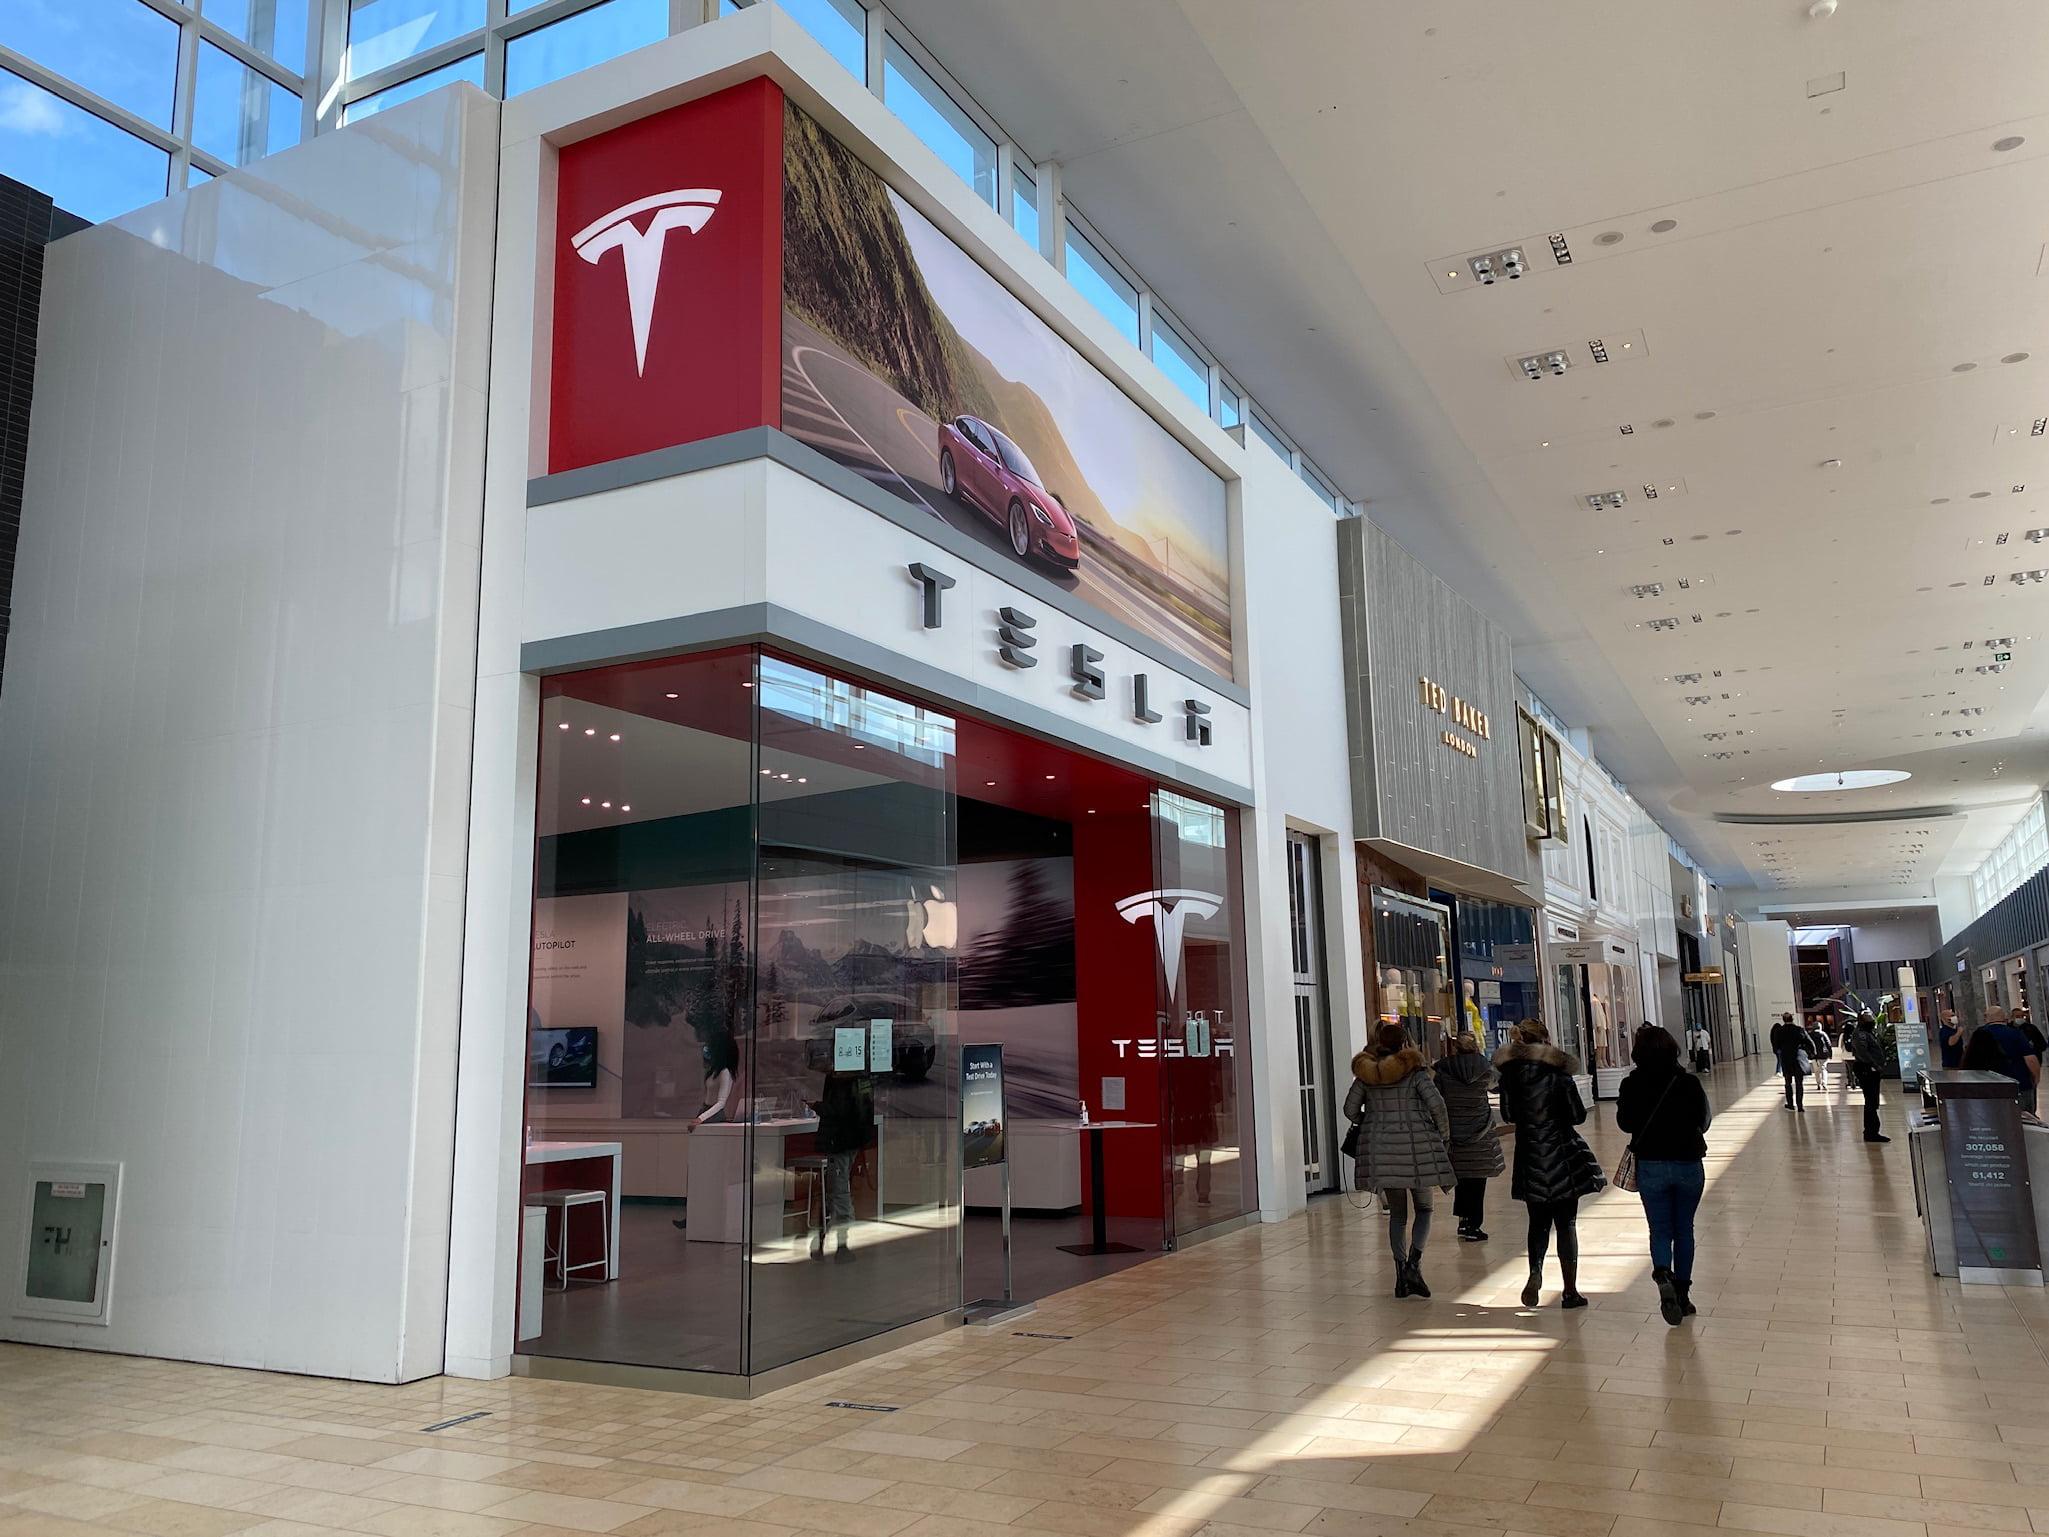 Tesla at Yorkdale